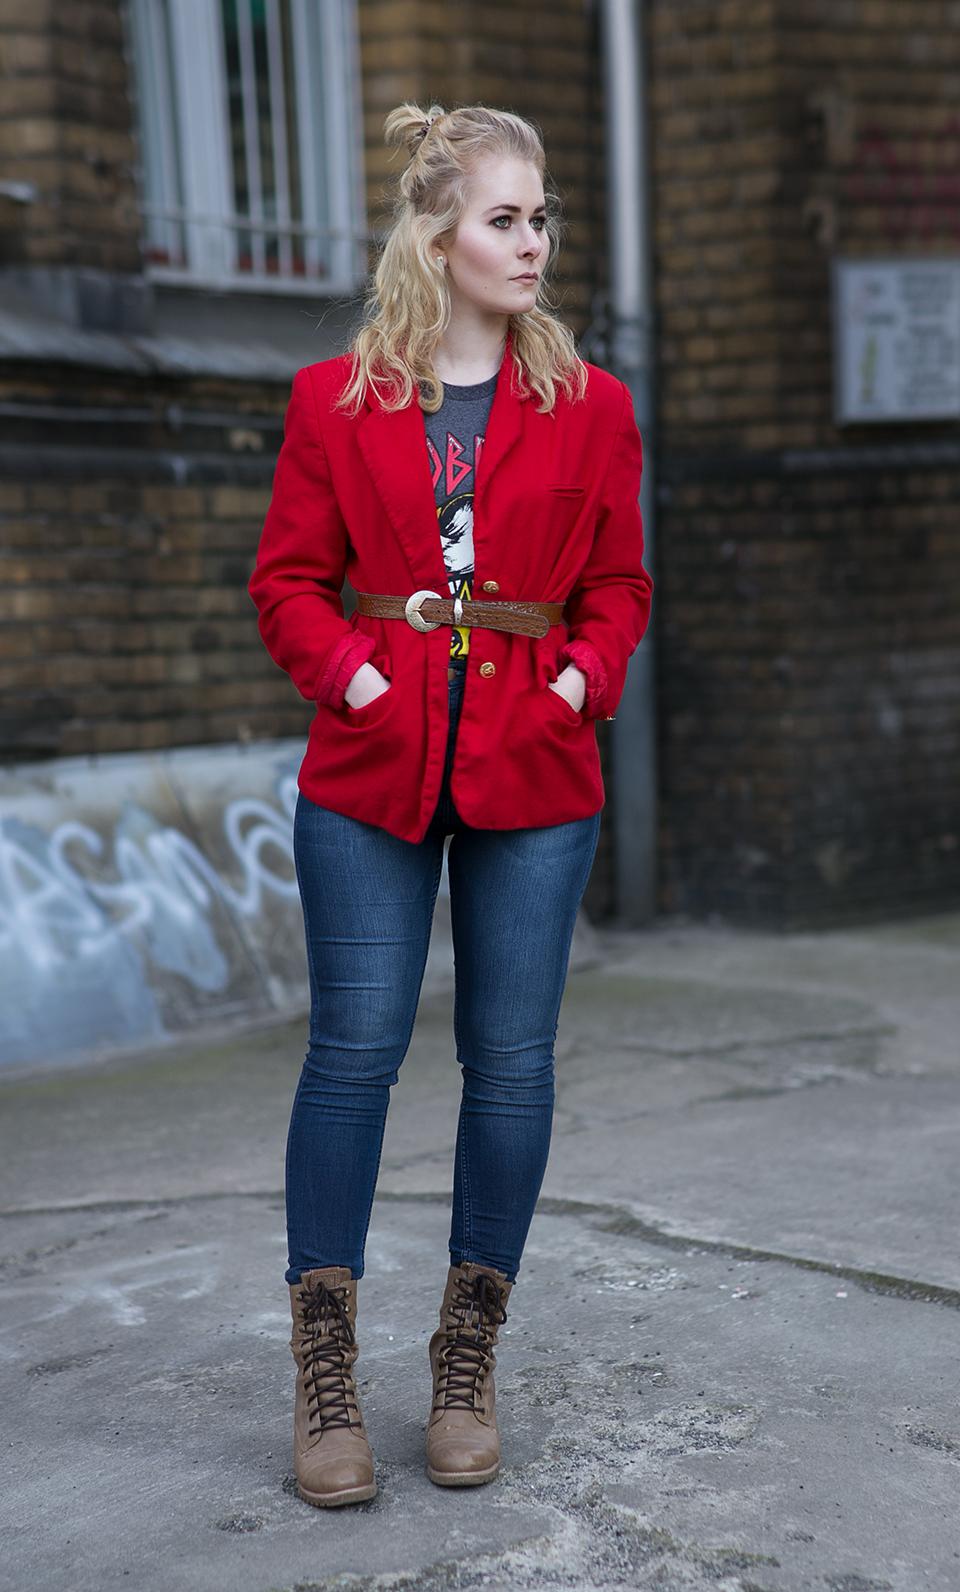 Roter Blazer im Stil der 80er mit Motivshirt